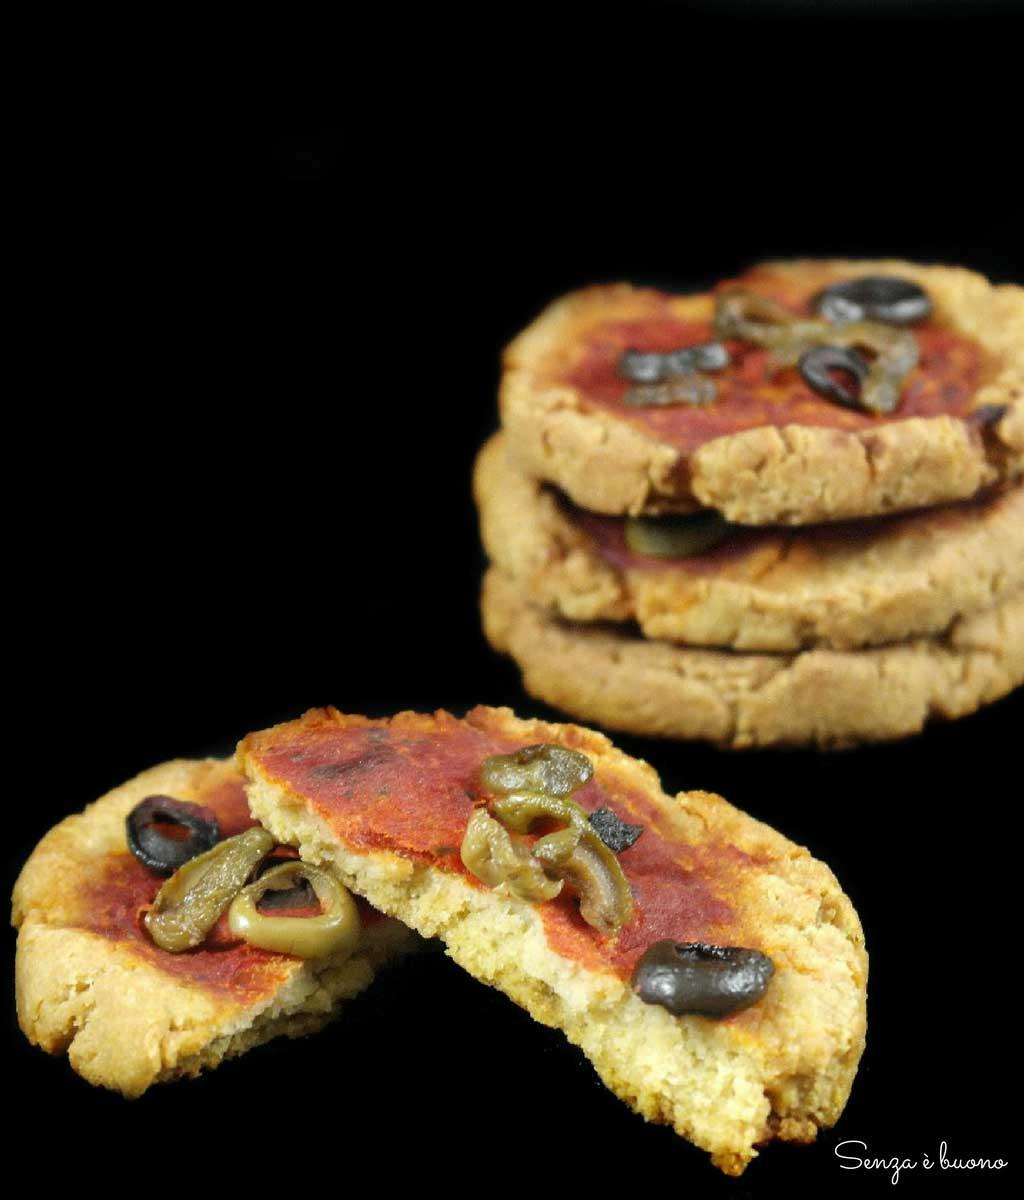 Pizzette a basso indice glicemico con farina di legumi, senza glutine vegan e senza lievito